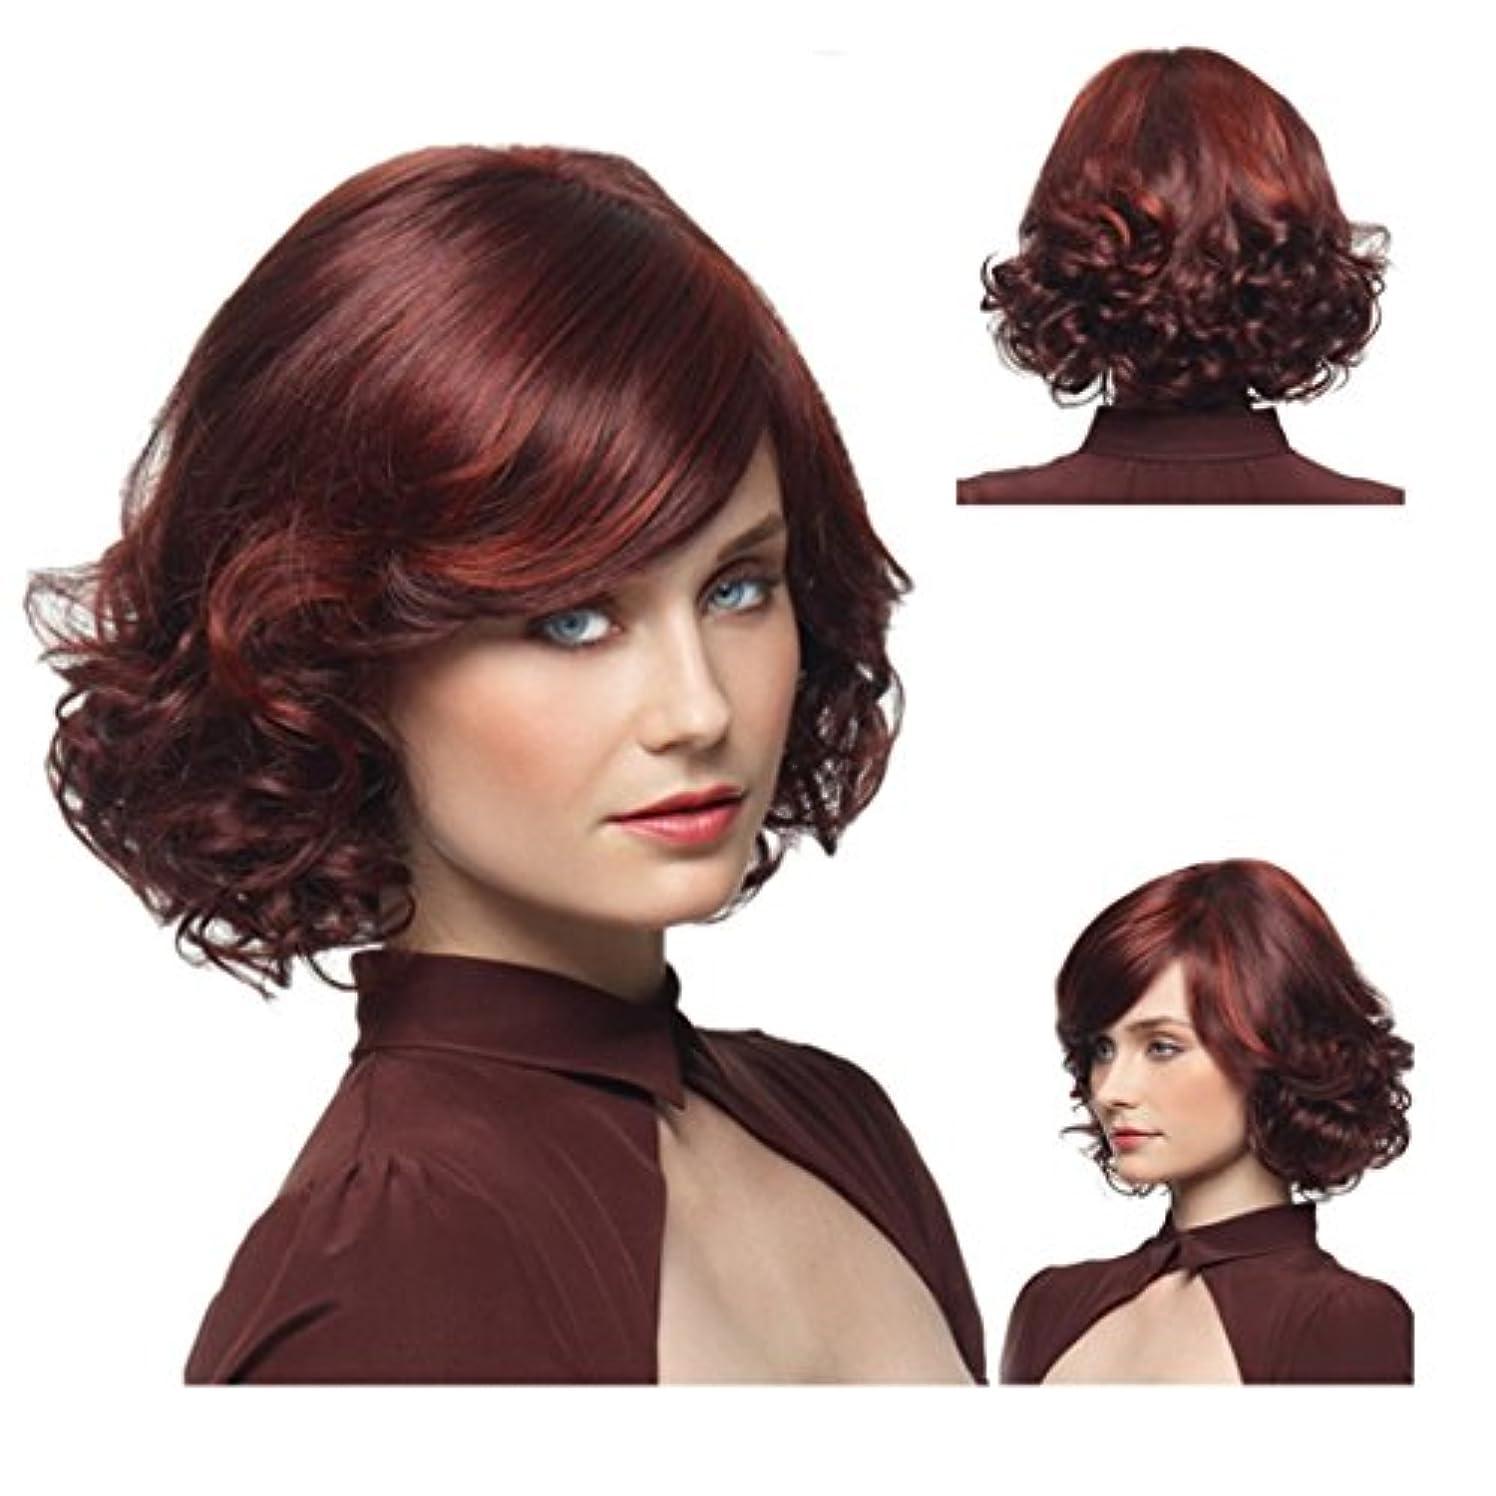 同意つかむ雑多なYOUQIU 女性25センチメートル/ 220グラム(ワインレッド)かつら用エアエッグロール斜め前髪ウィッグ耐熱髪を持つ女性のための梨ショートカーリーウィッグ (色 : ワインレッド)